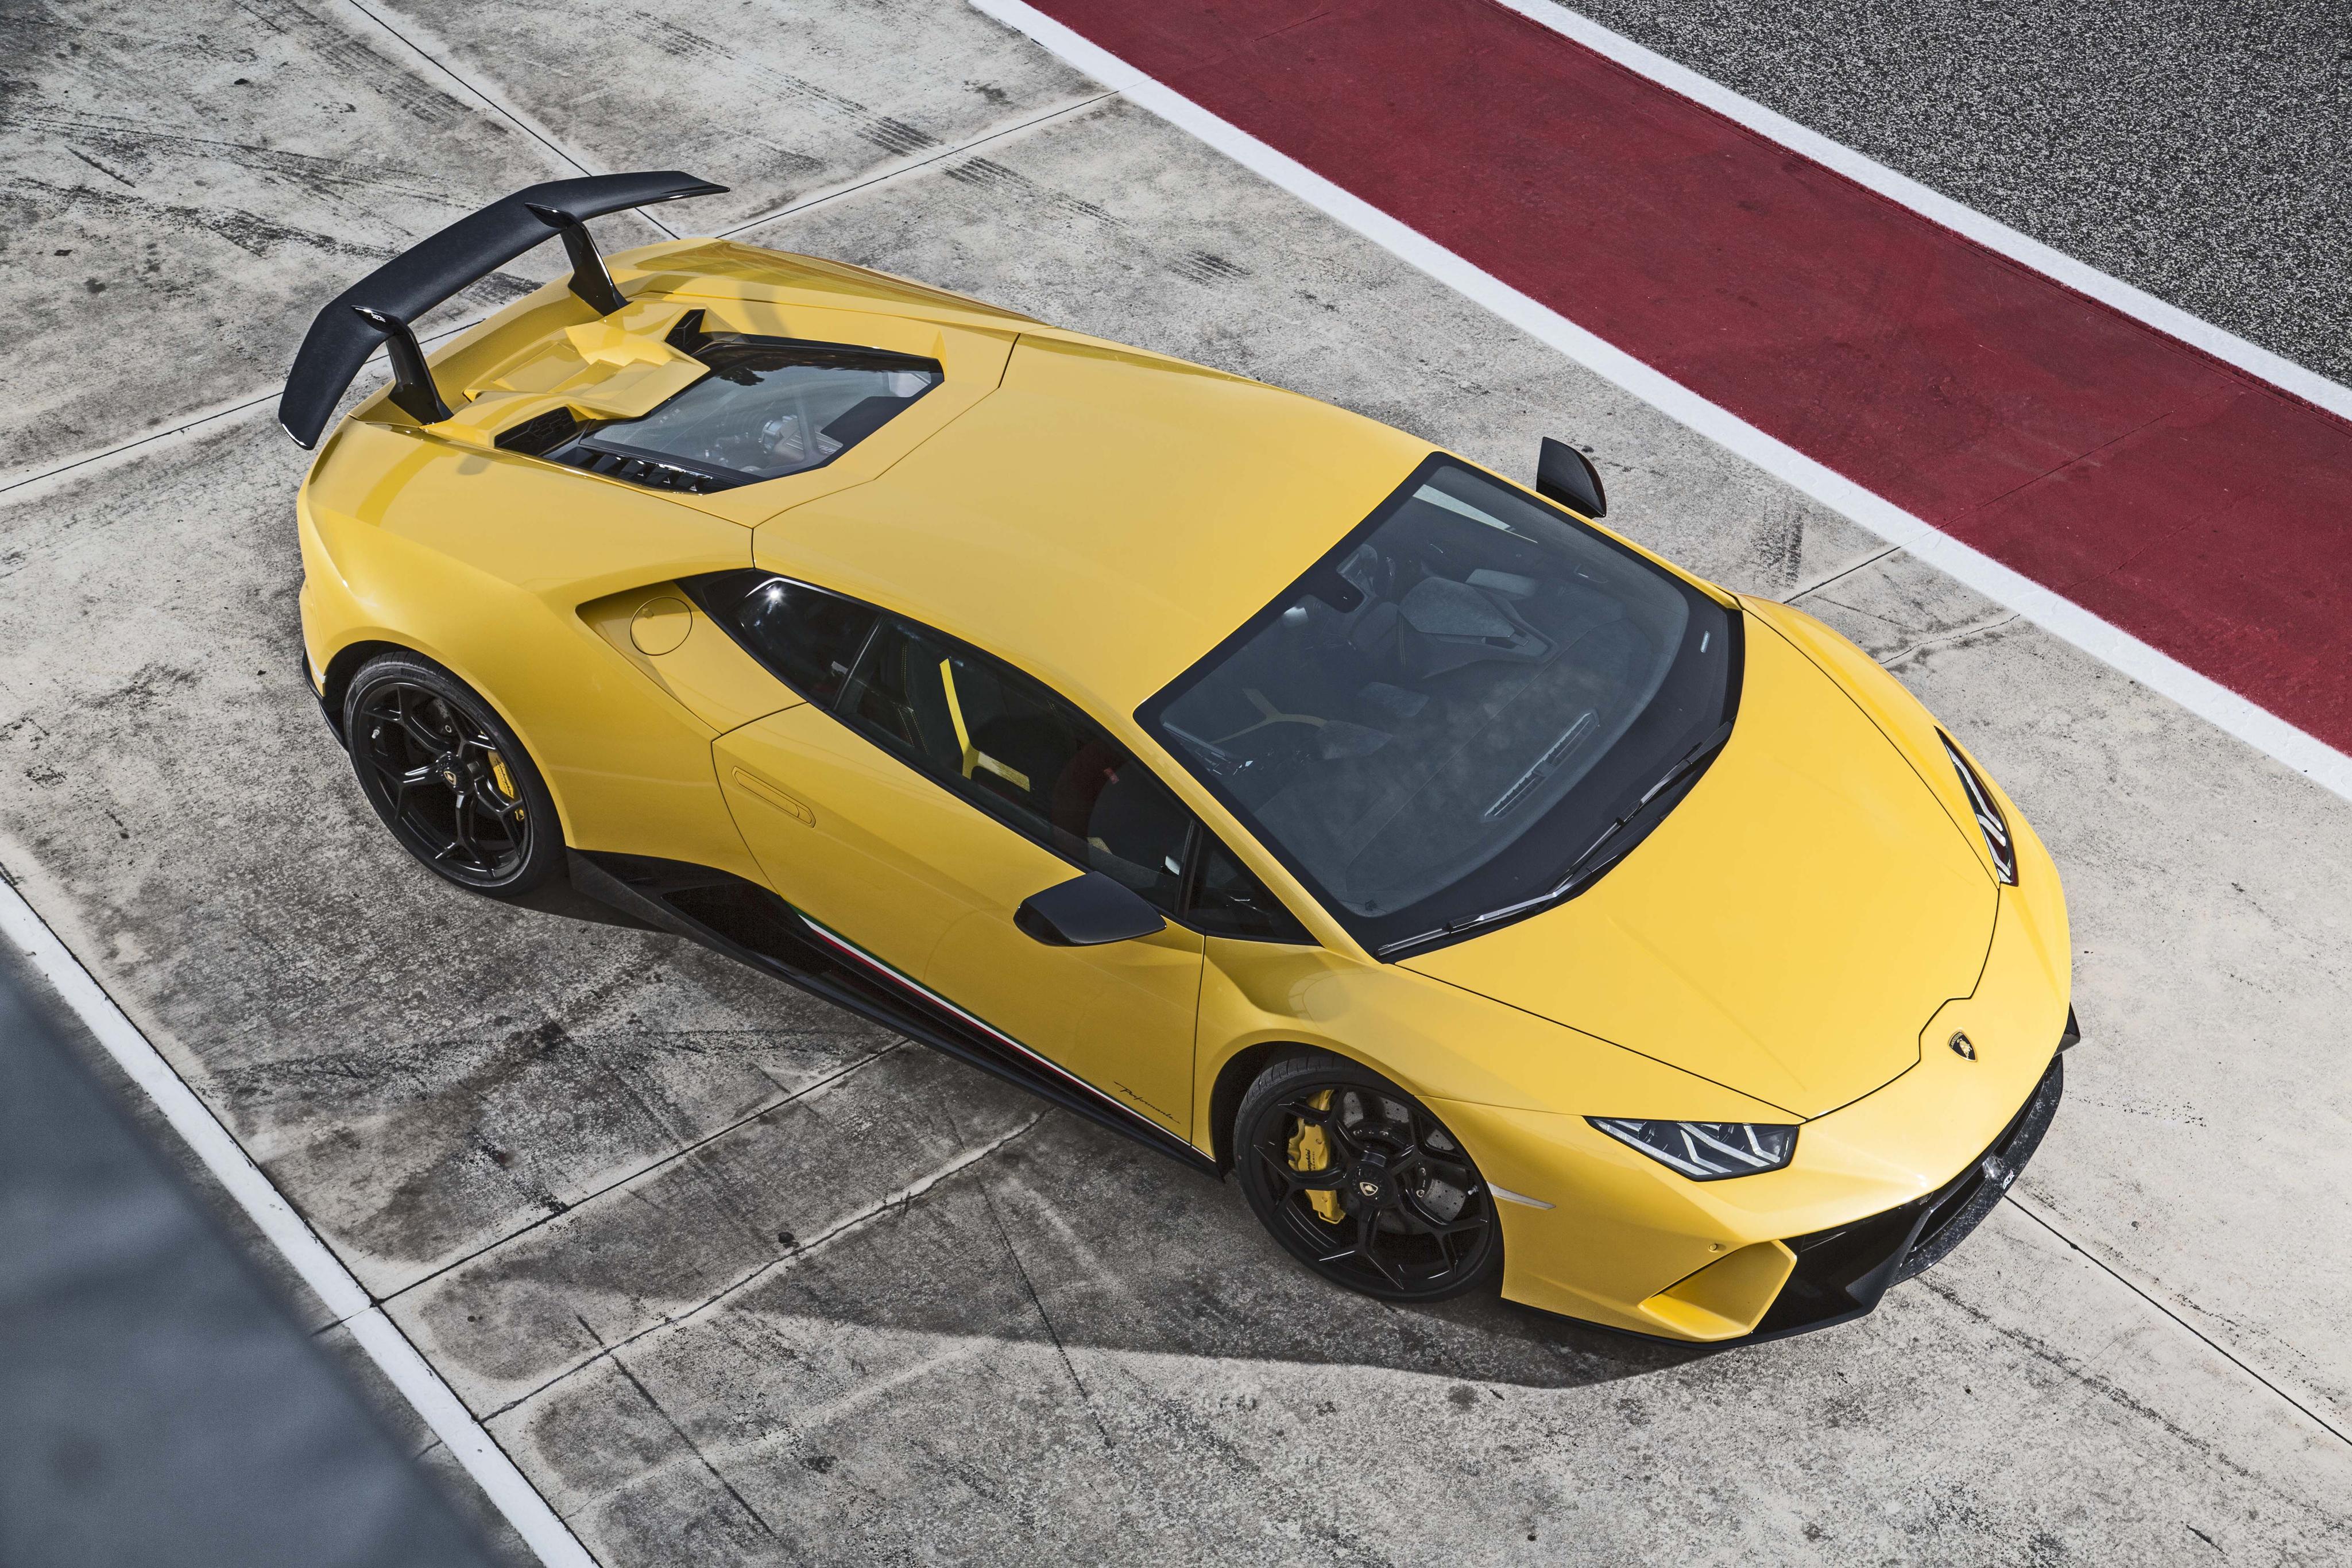 желтый автомобиль спортивный lamborghini huracan yellow car sports скачать